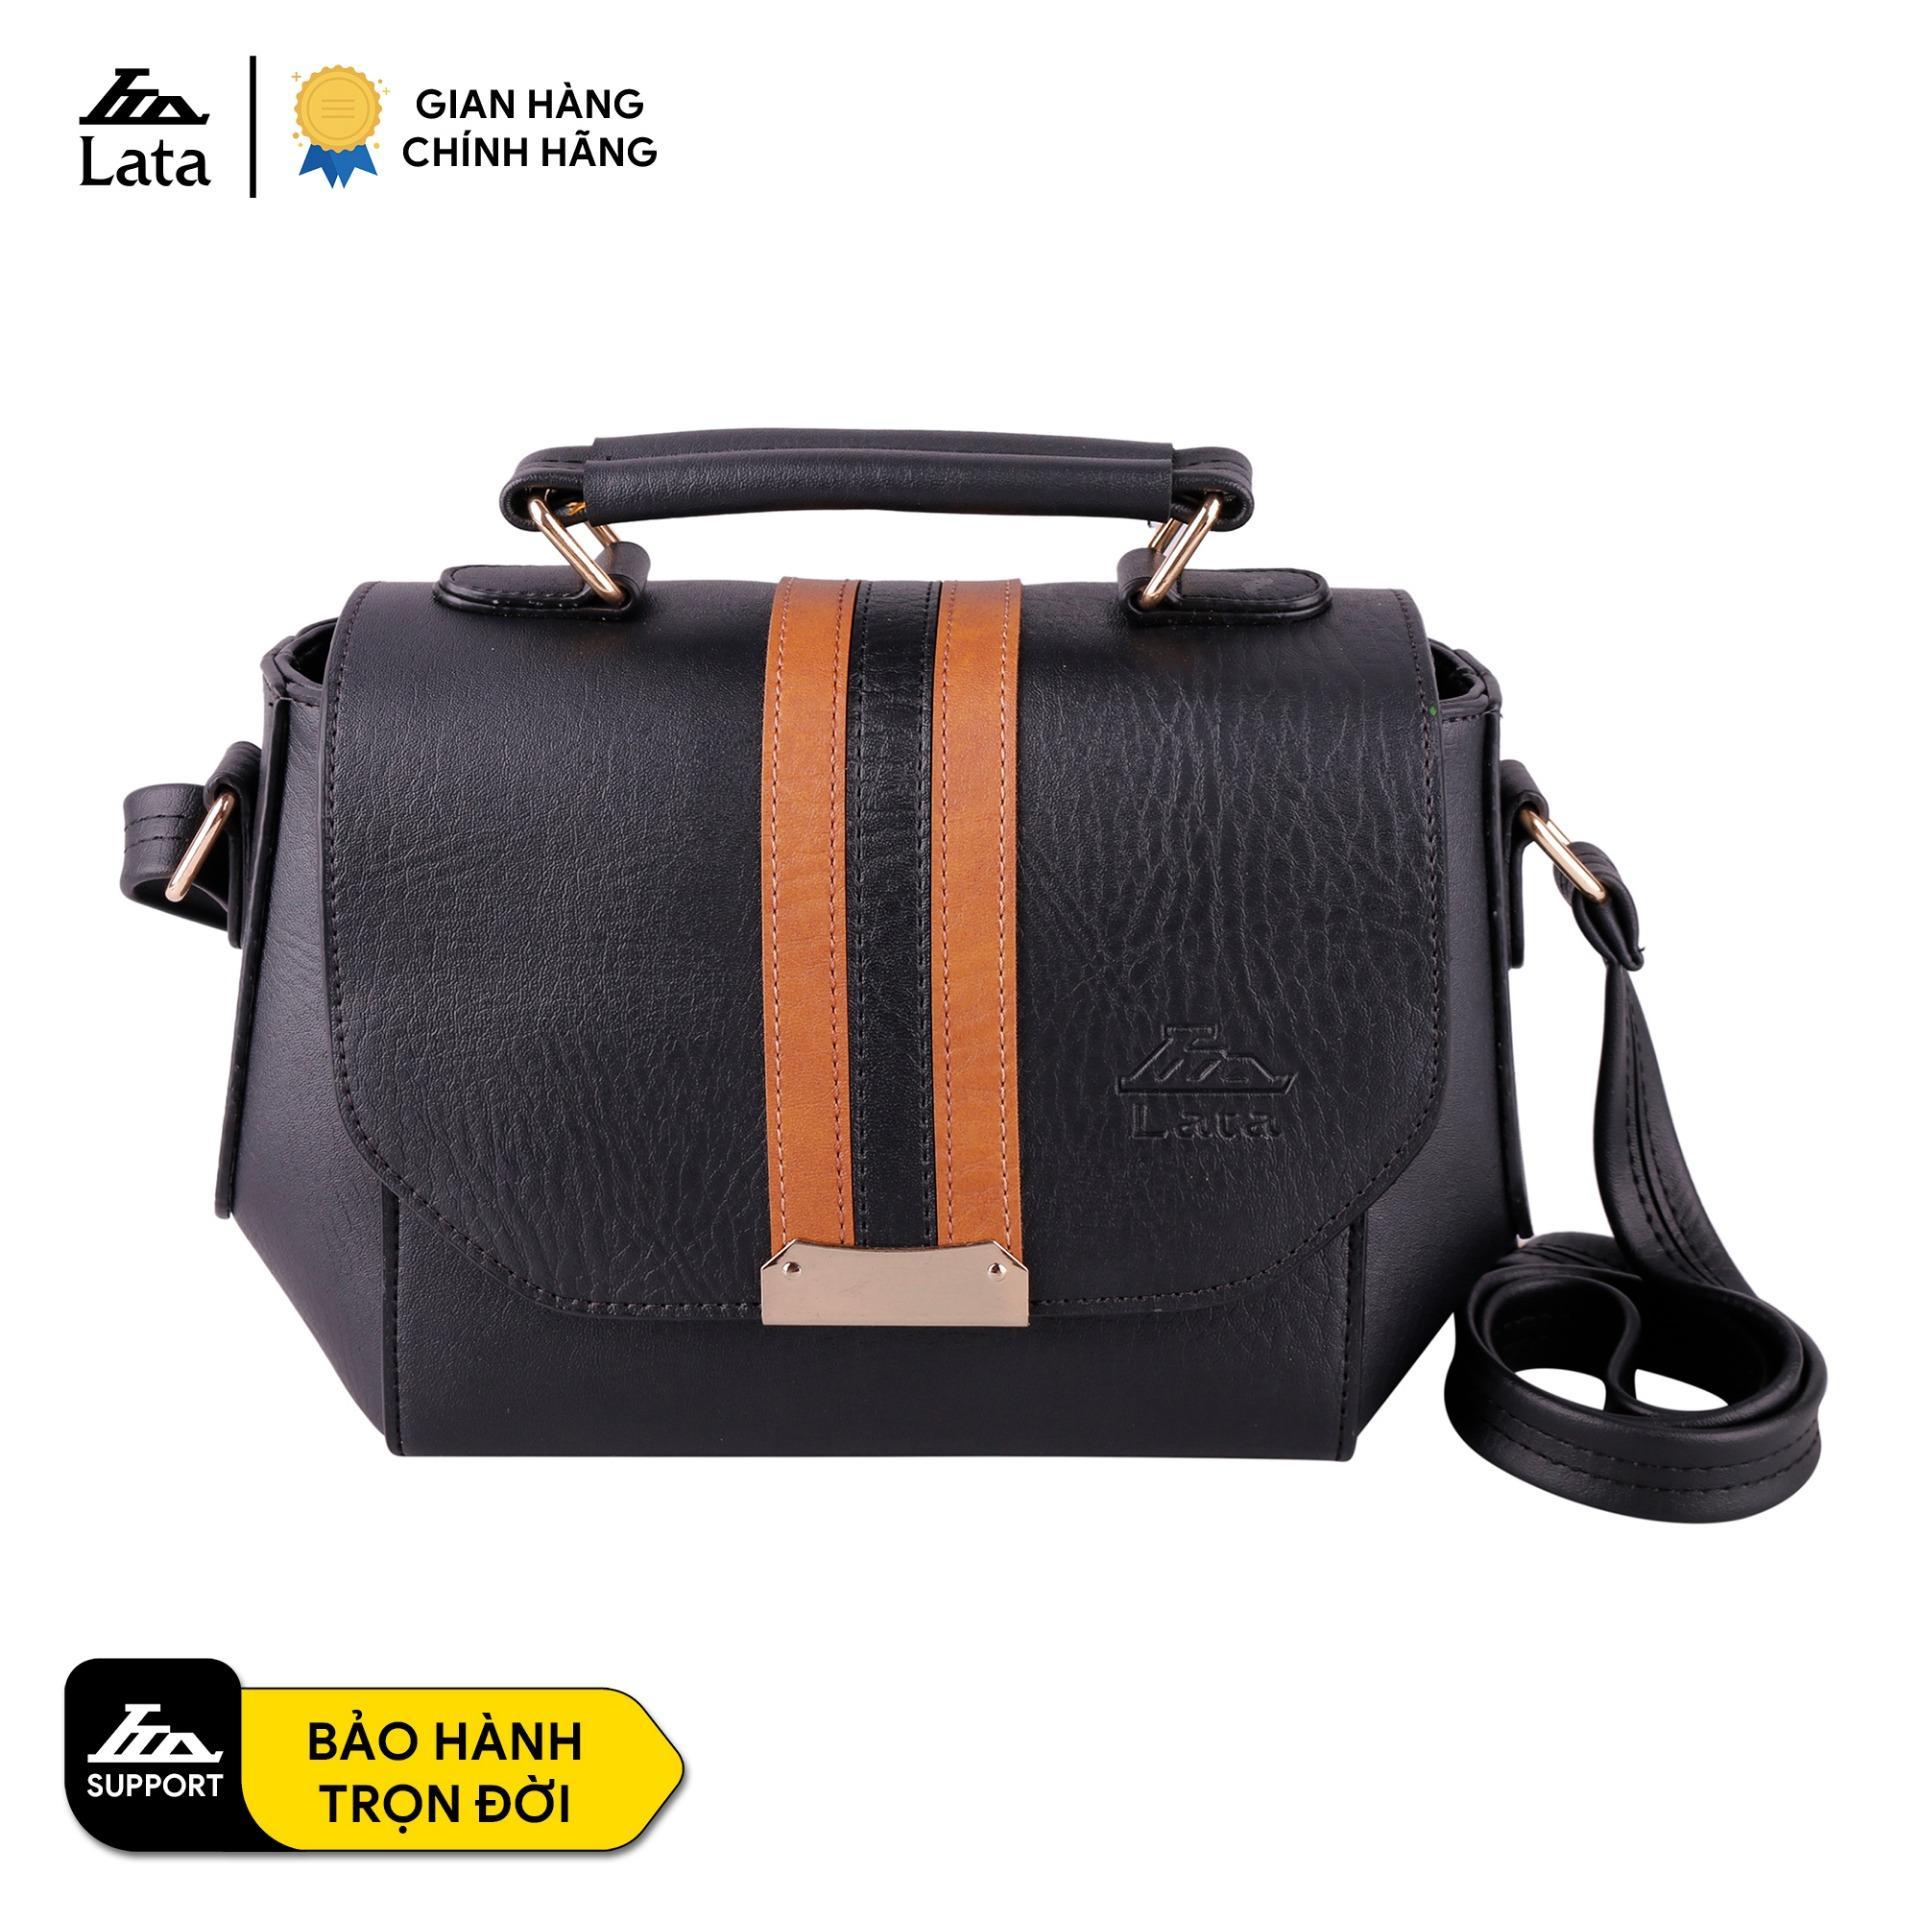 Túi đeo chéo nữ thời trang LATA HN58 da tổng hợp, không bong tróc và không thấm nước, lót nhung cao cấp, bảo hành trọn đời, kích thước 22x8x17cm